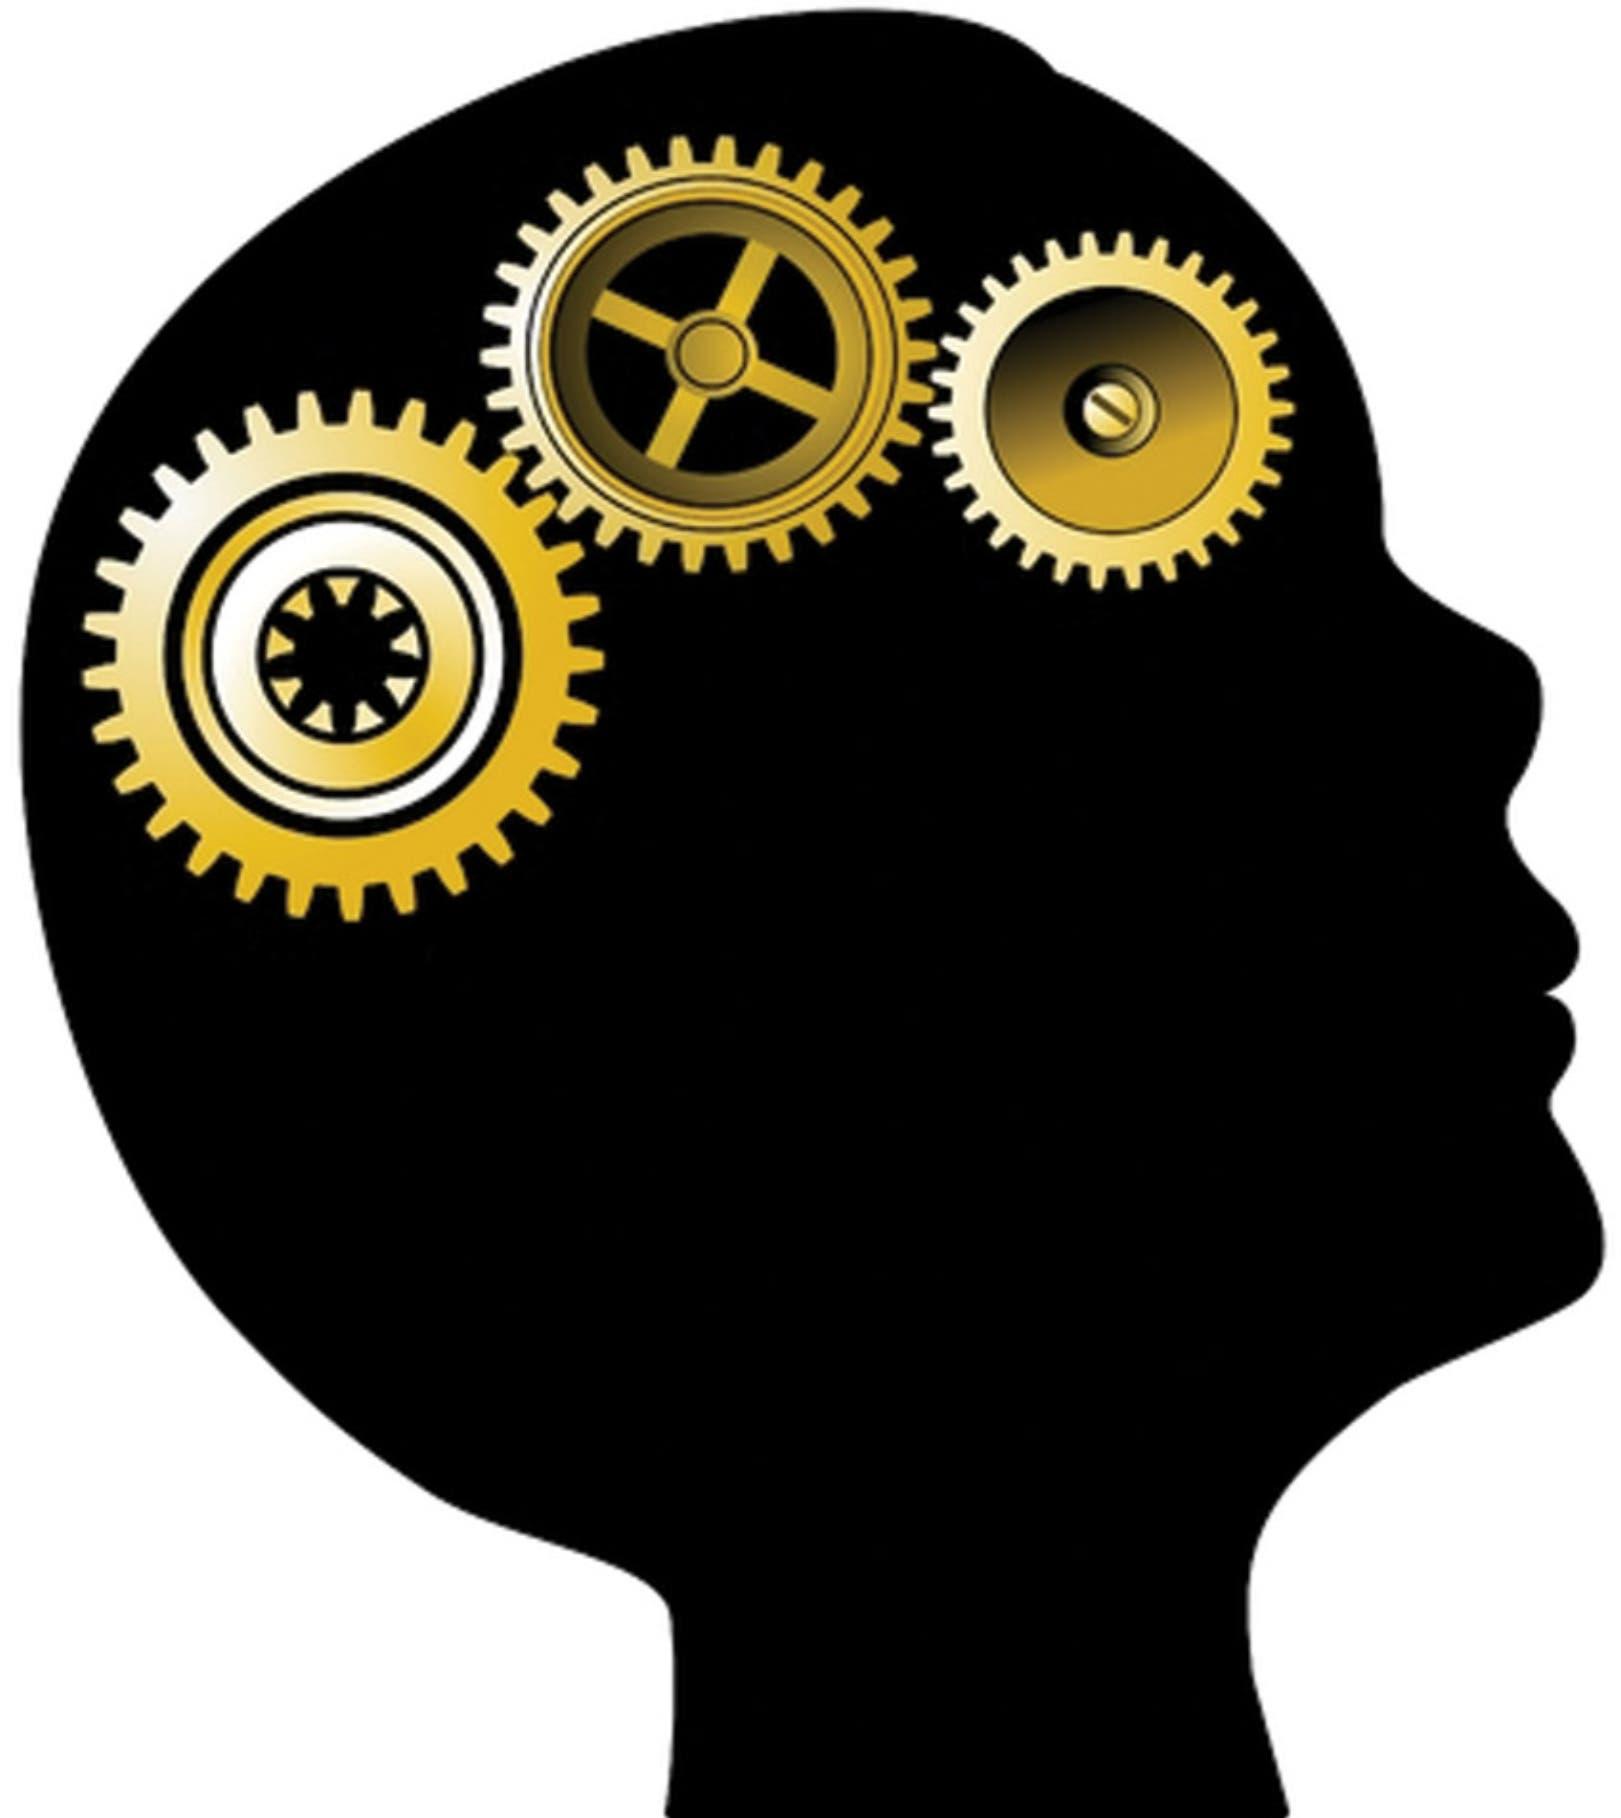 Ausencia de  inteligencia emocional y visión estratégica en discursos de los aspirantes